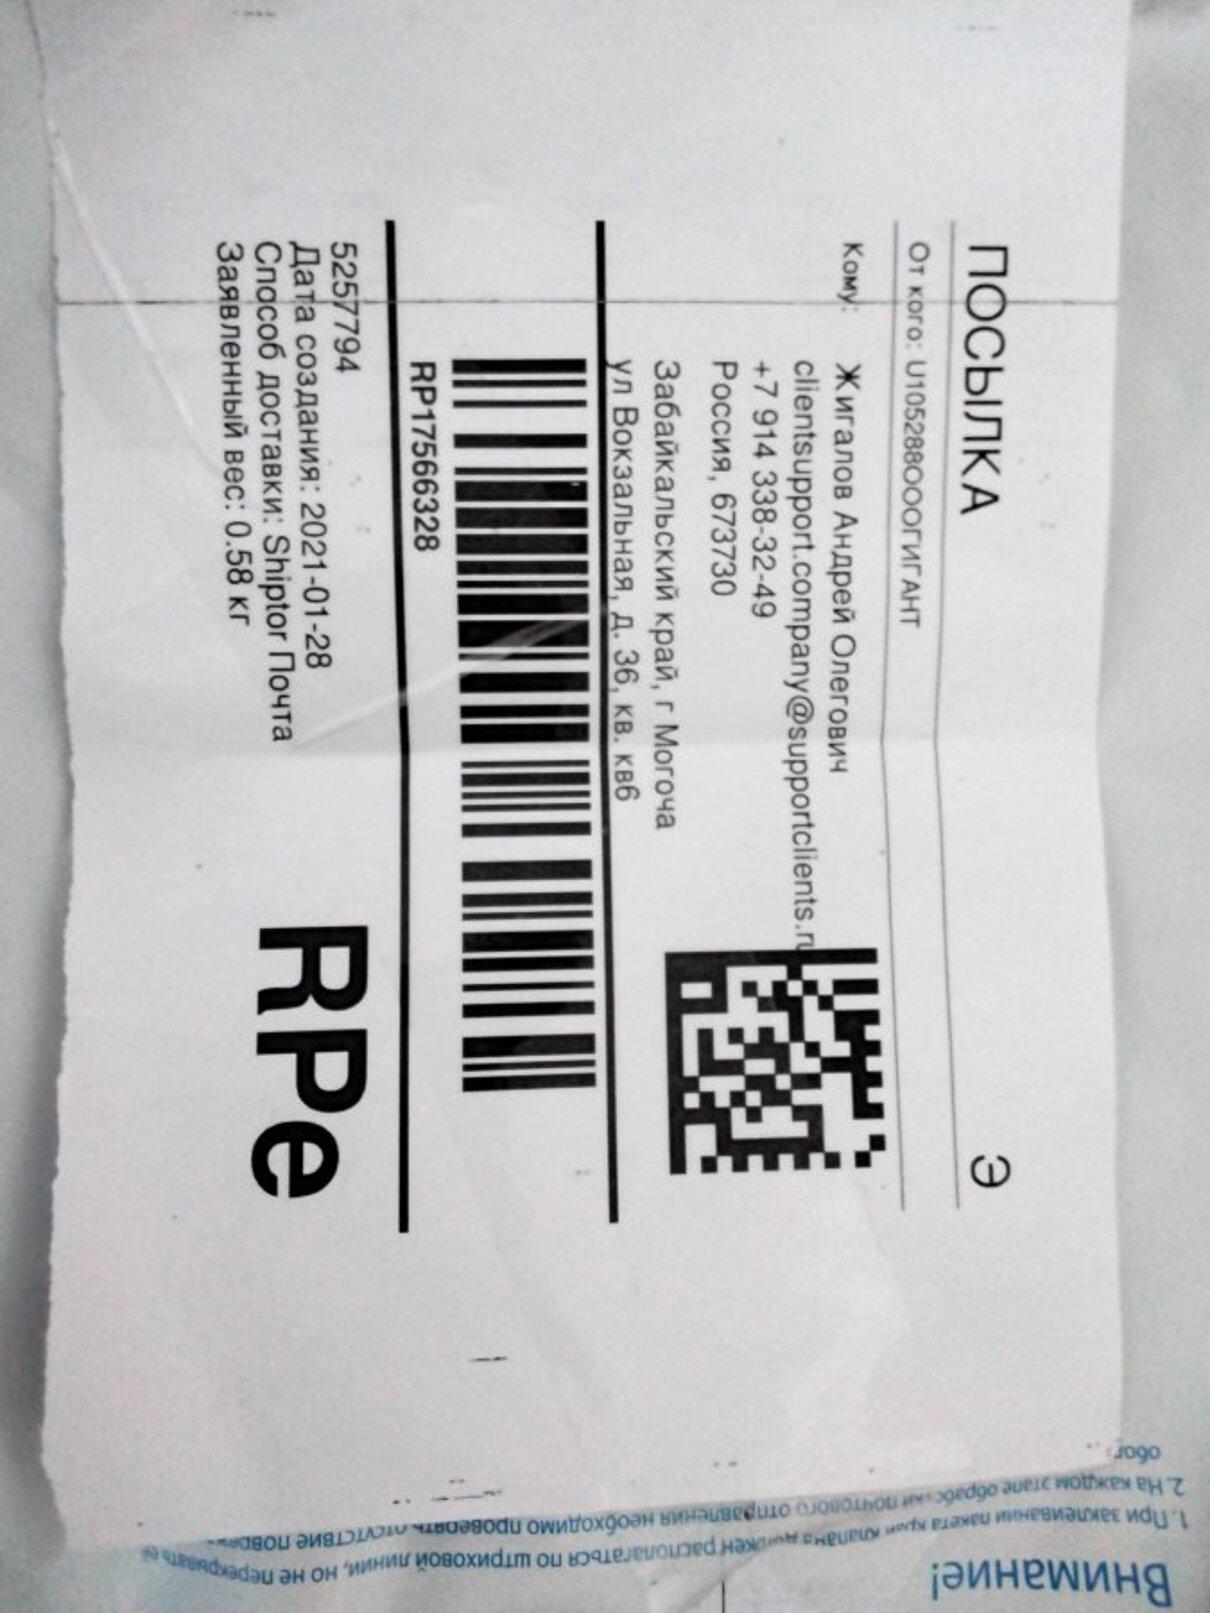 Жалоба-отзыв: U105288 ООО ГИГАНТ - Отправлено не тот глюкометр, был заказан неинвазивный а отправили инвазивный.  Фото №4